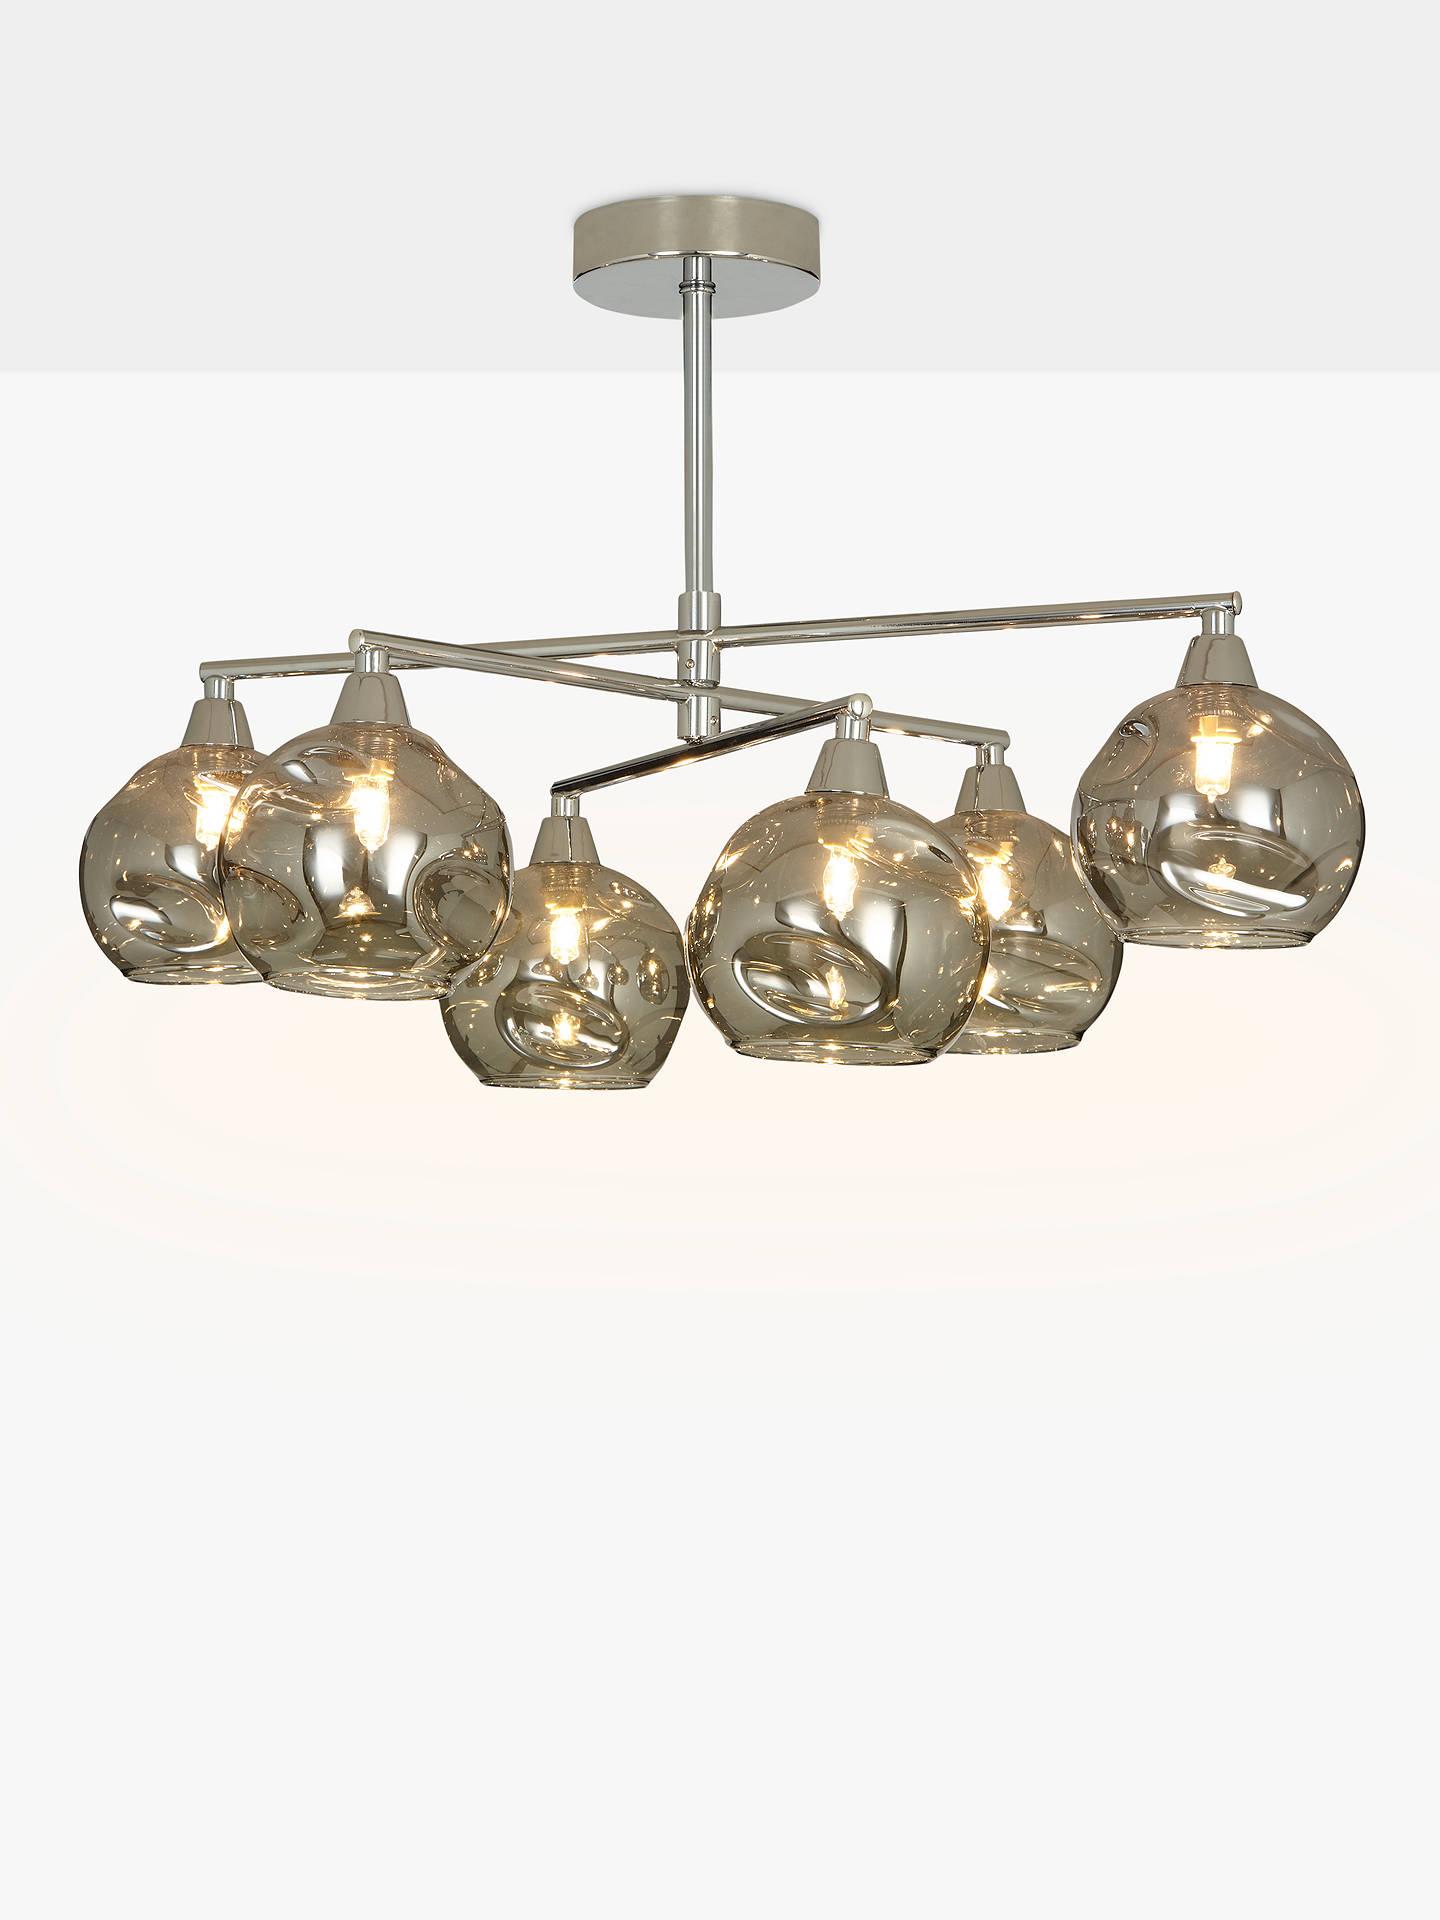 John Lewis Partners Susa Semi Flush 6 Arm Smoked Gl Ceiling Light Chrome